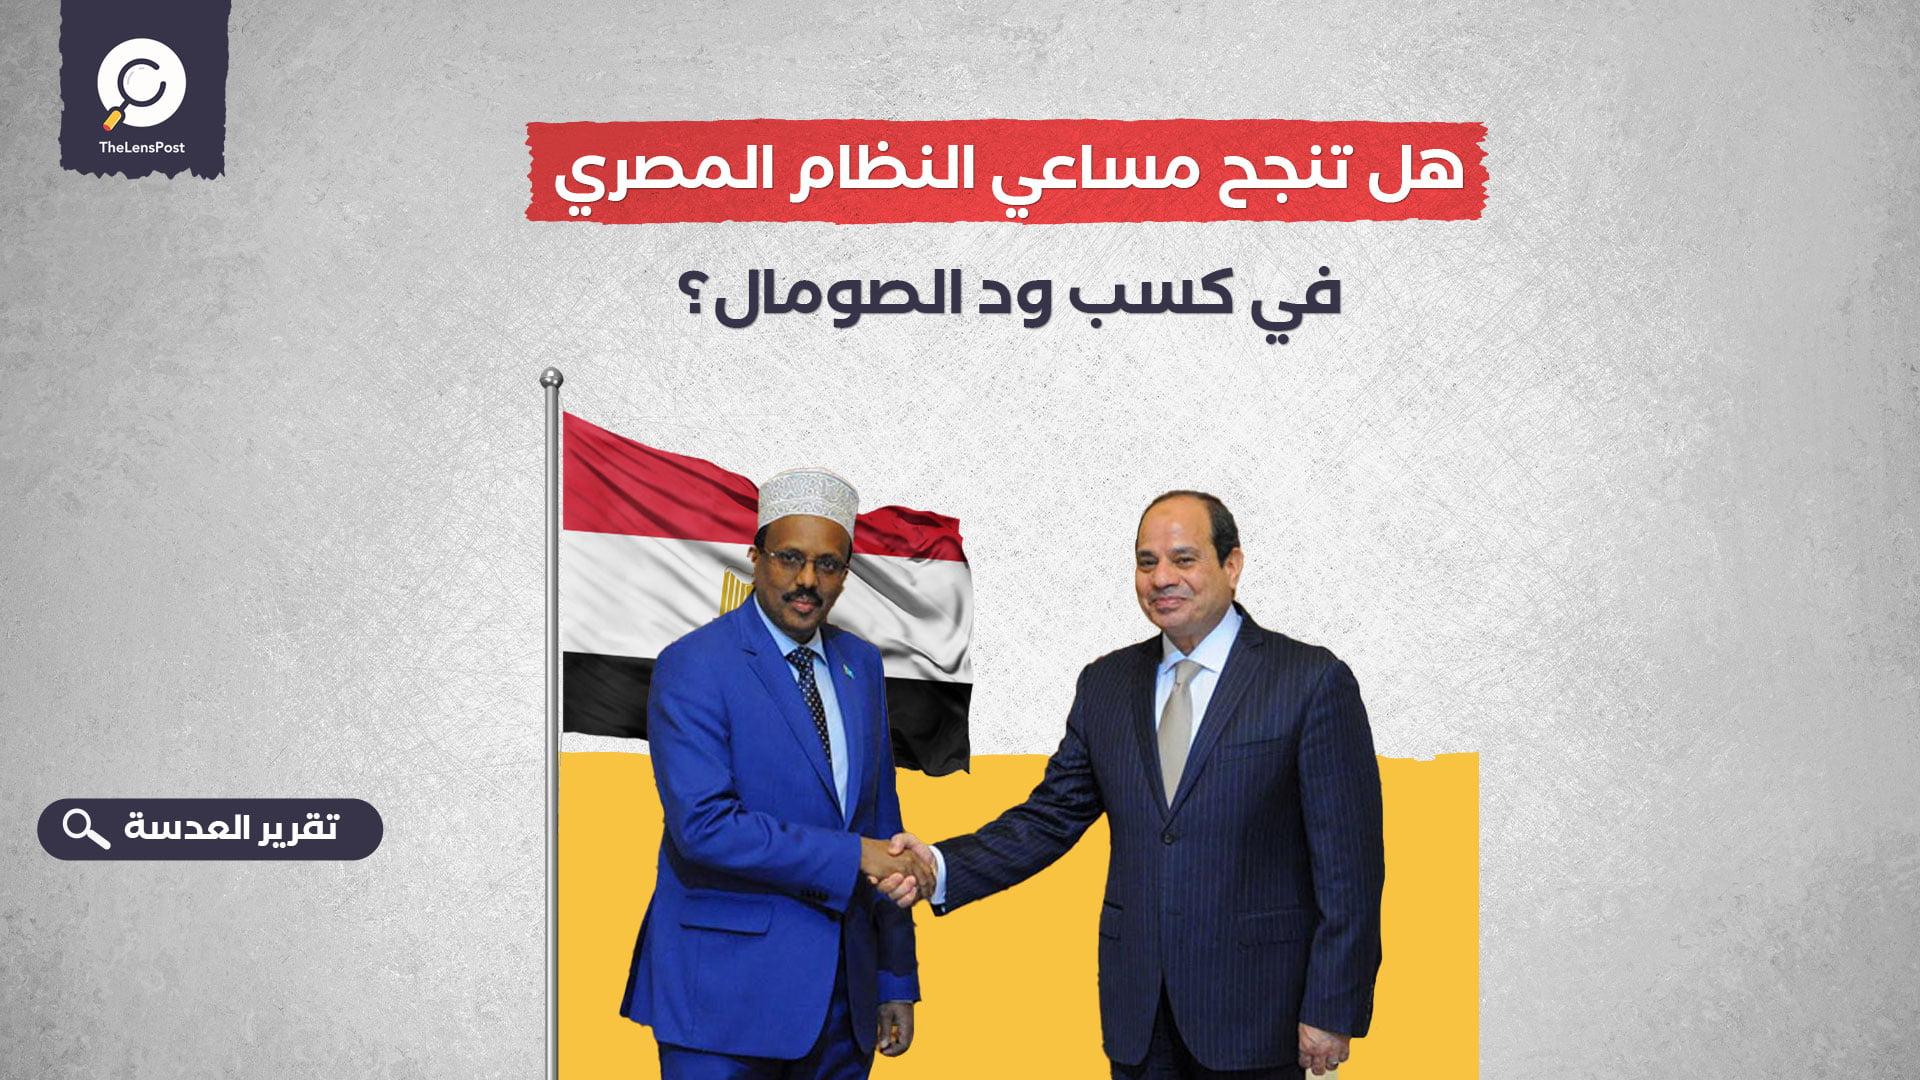 هل تنجح مساعي النظام المصري في كسب ود الصومال؟